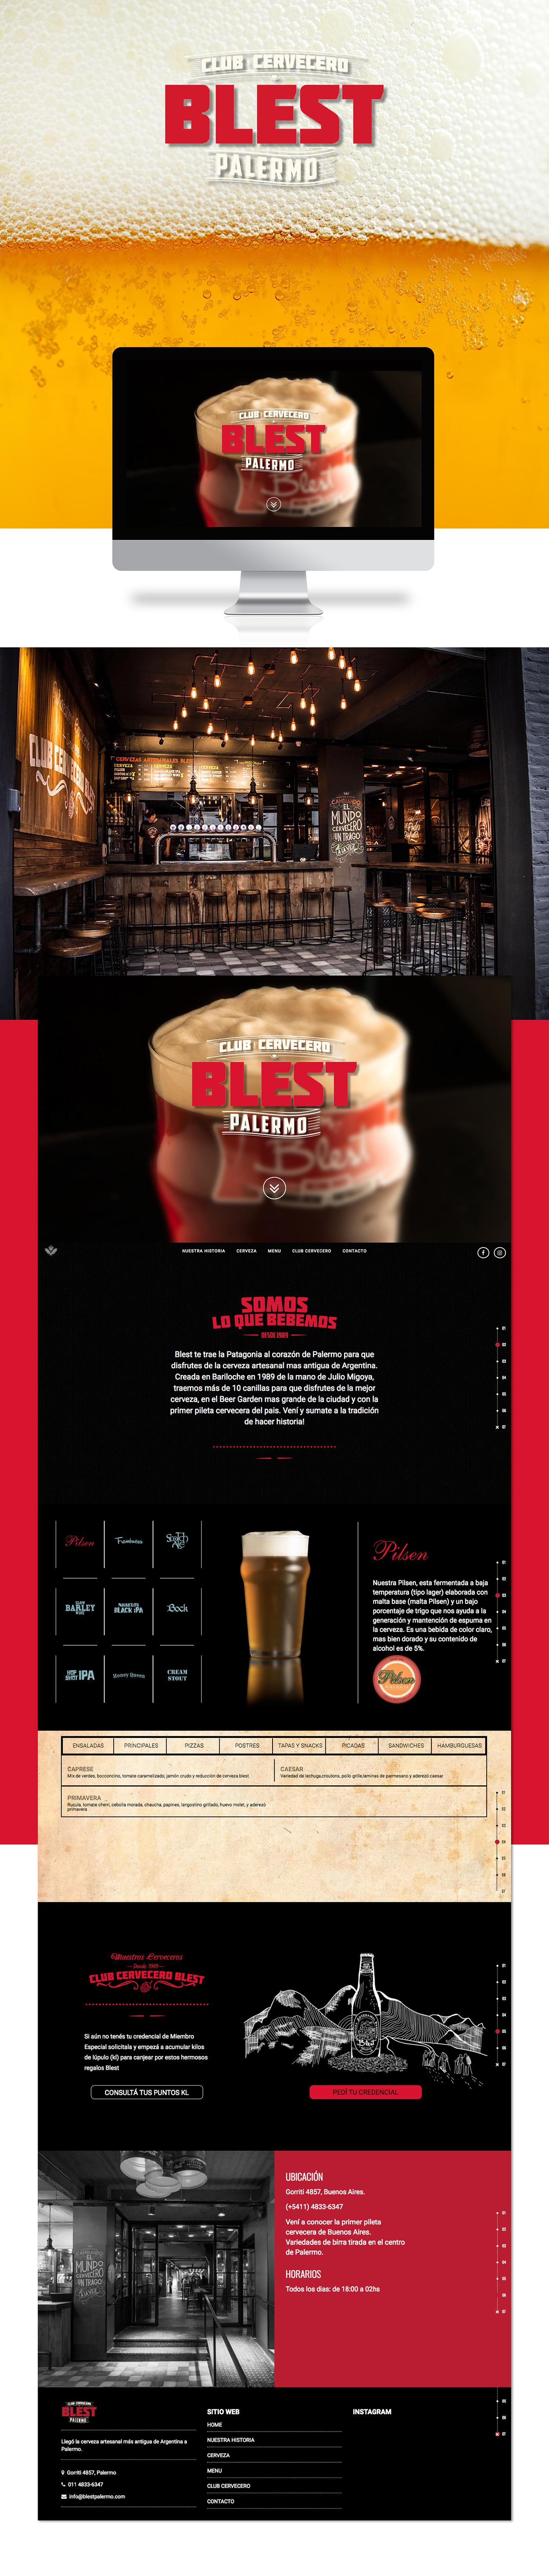 Web design pagina beer bar drink Responsive Web Design  mobile desktop